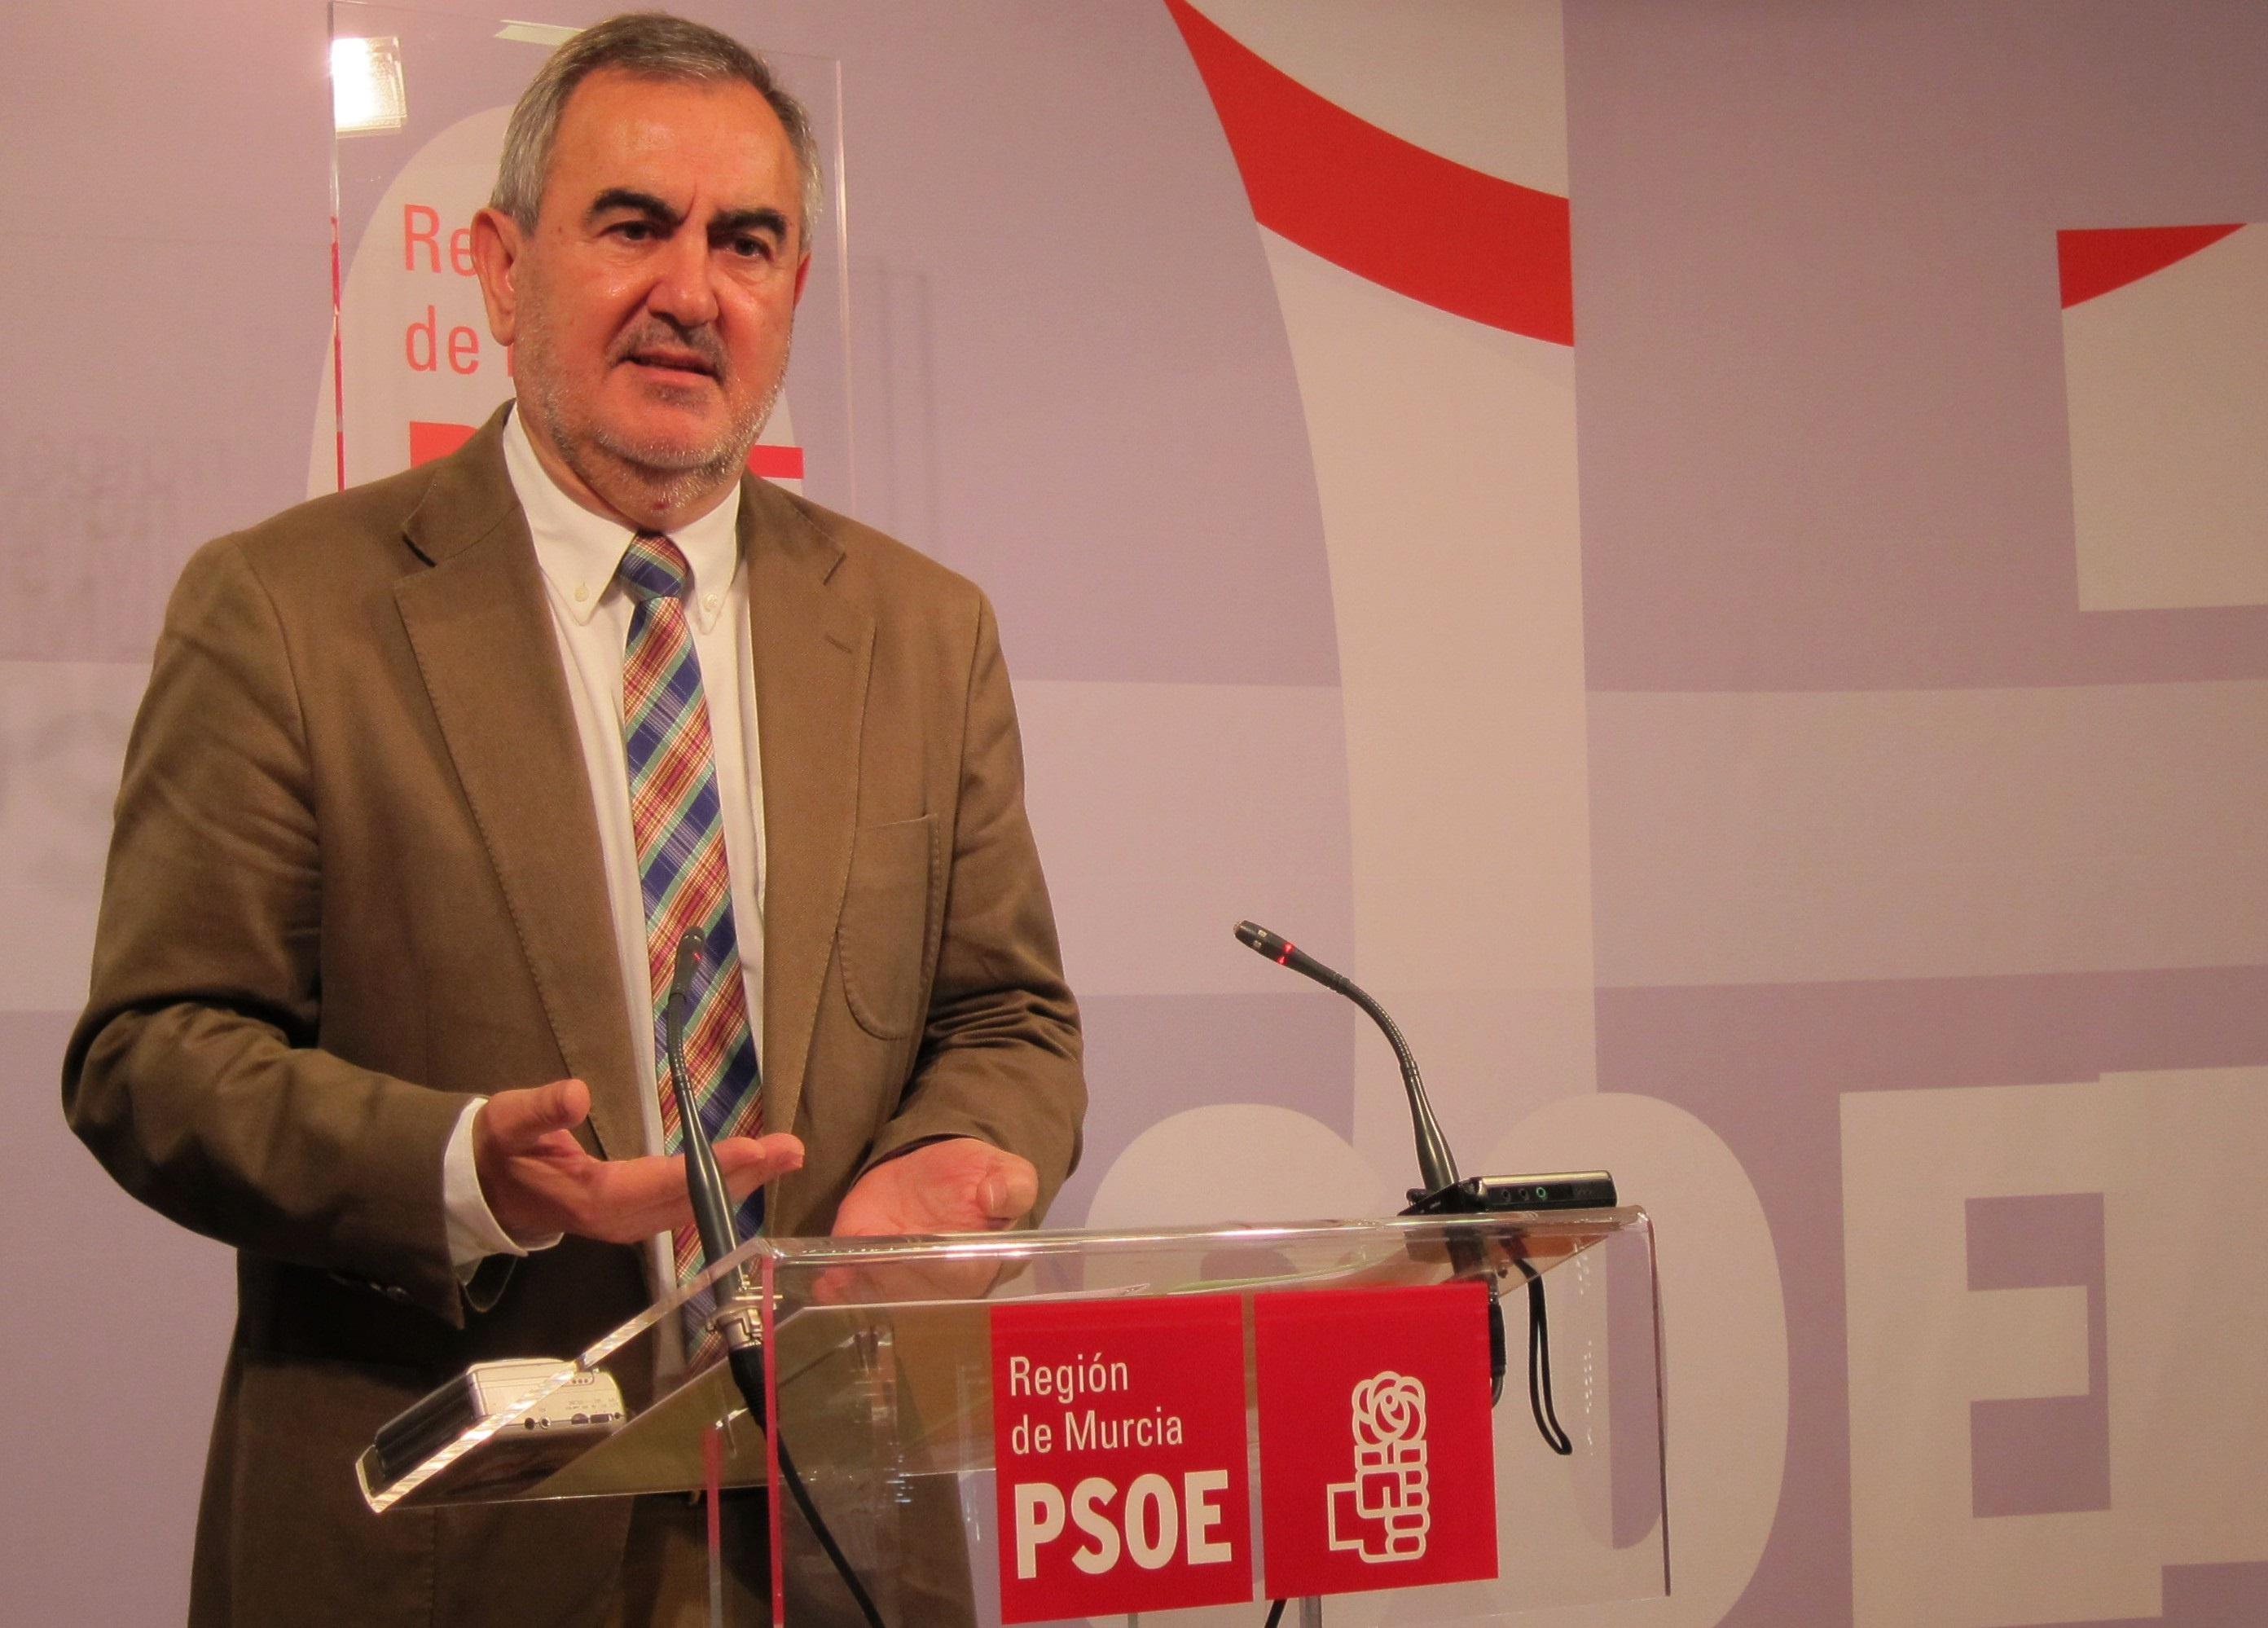 El PSOE pide que se desarrollen programas de empleo directo en las Administraciones locales